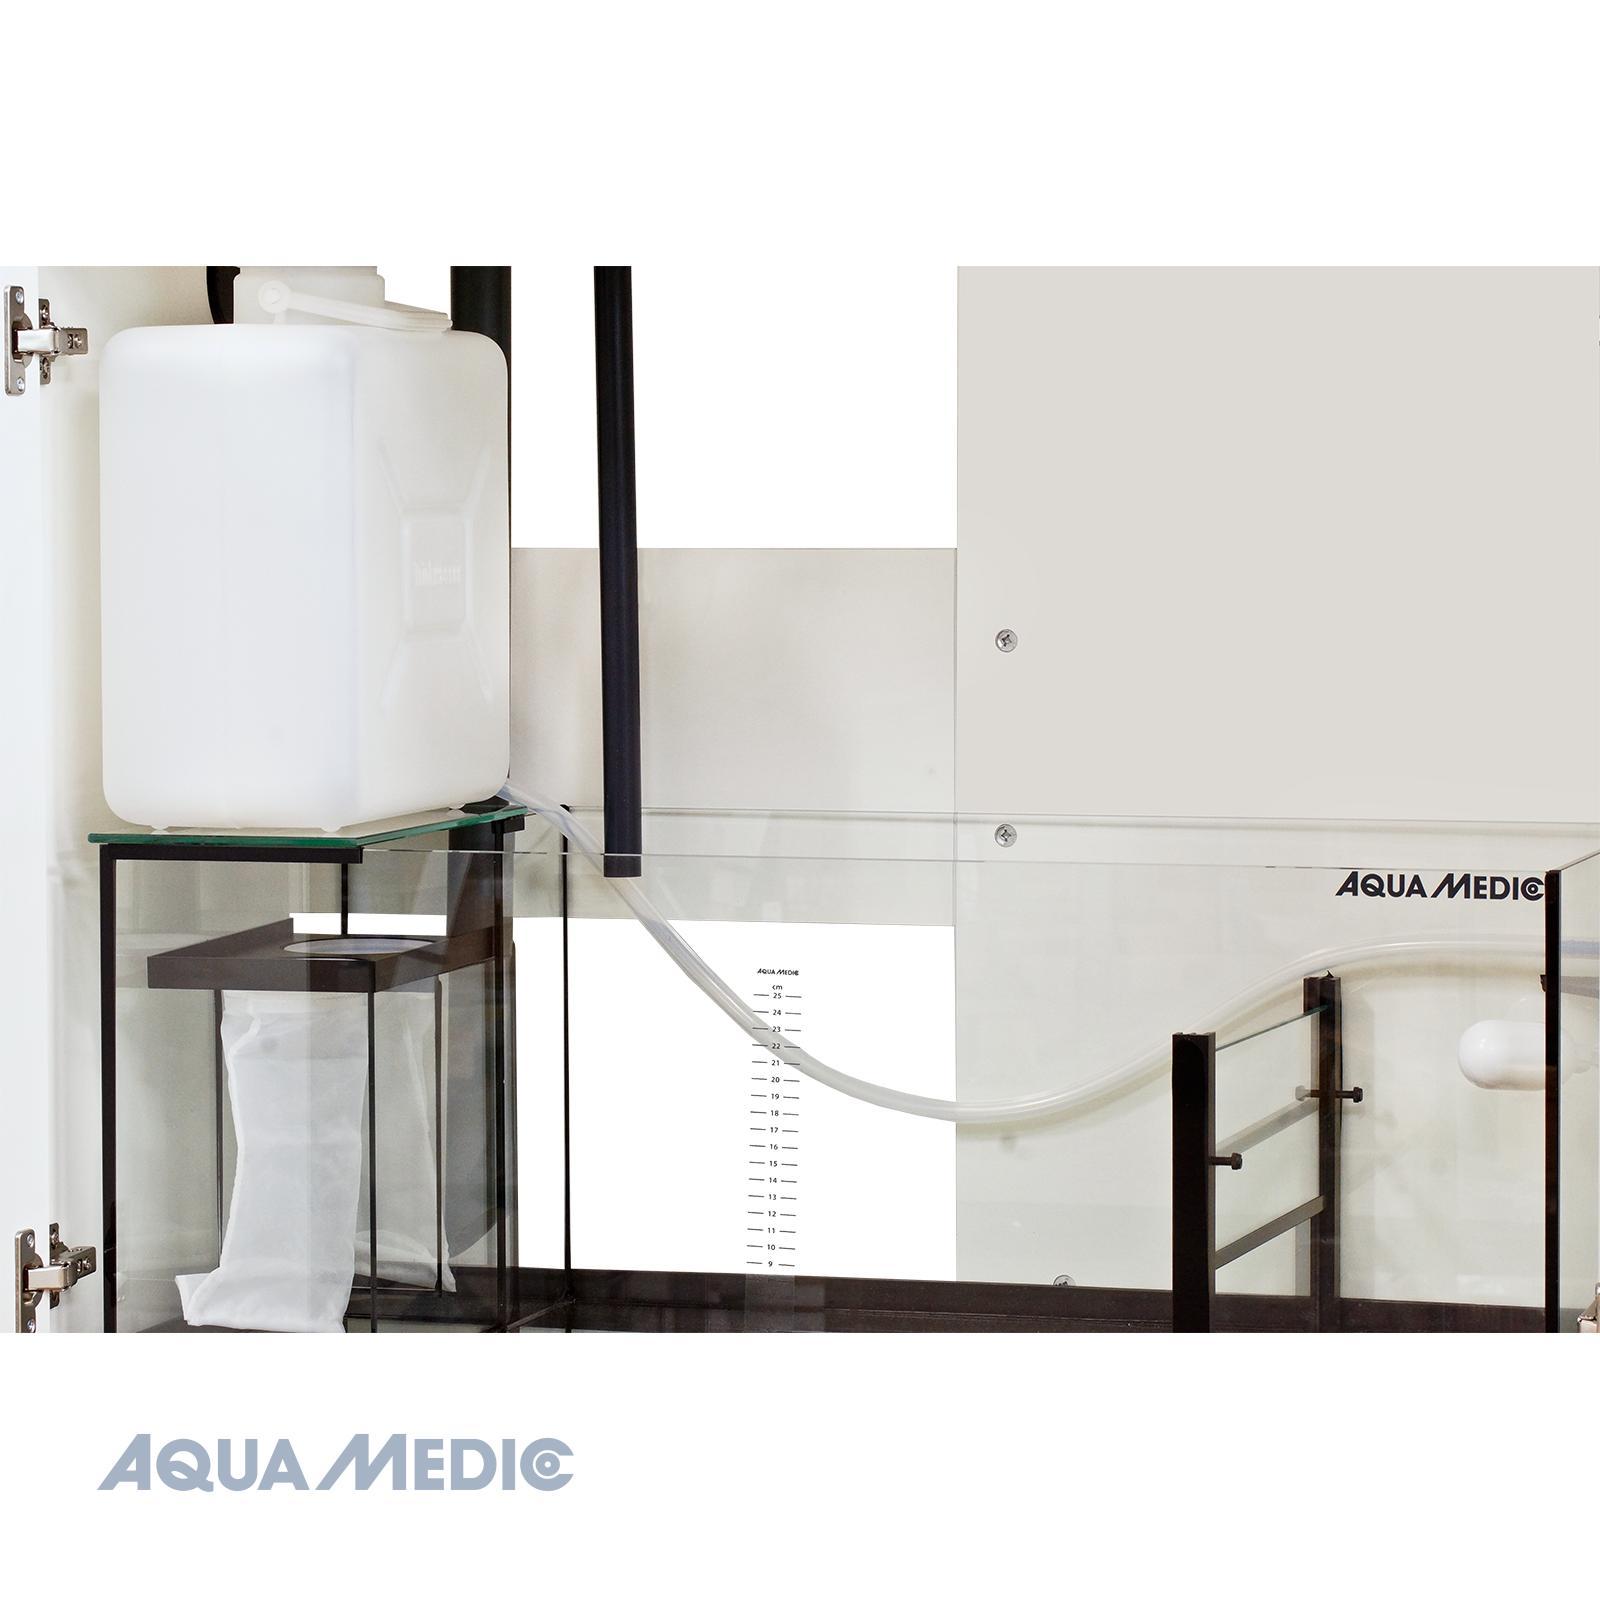 aqua medic armatus 450